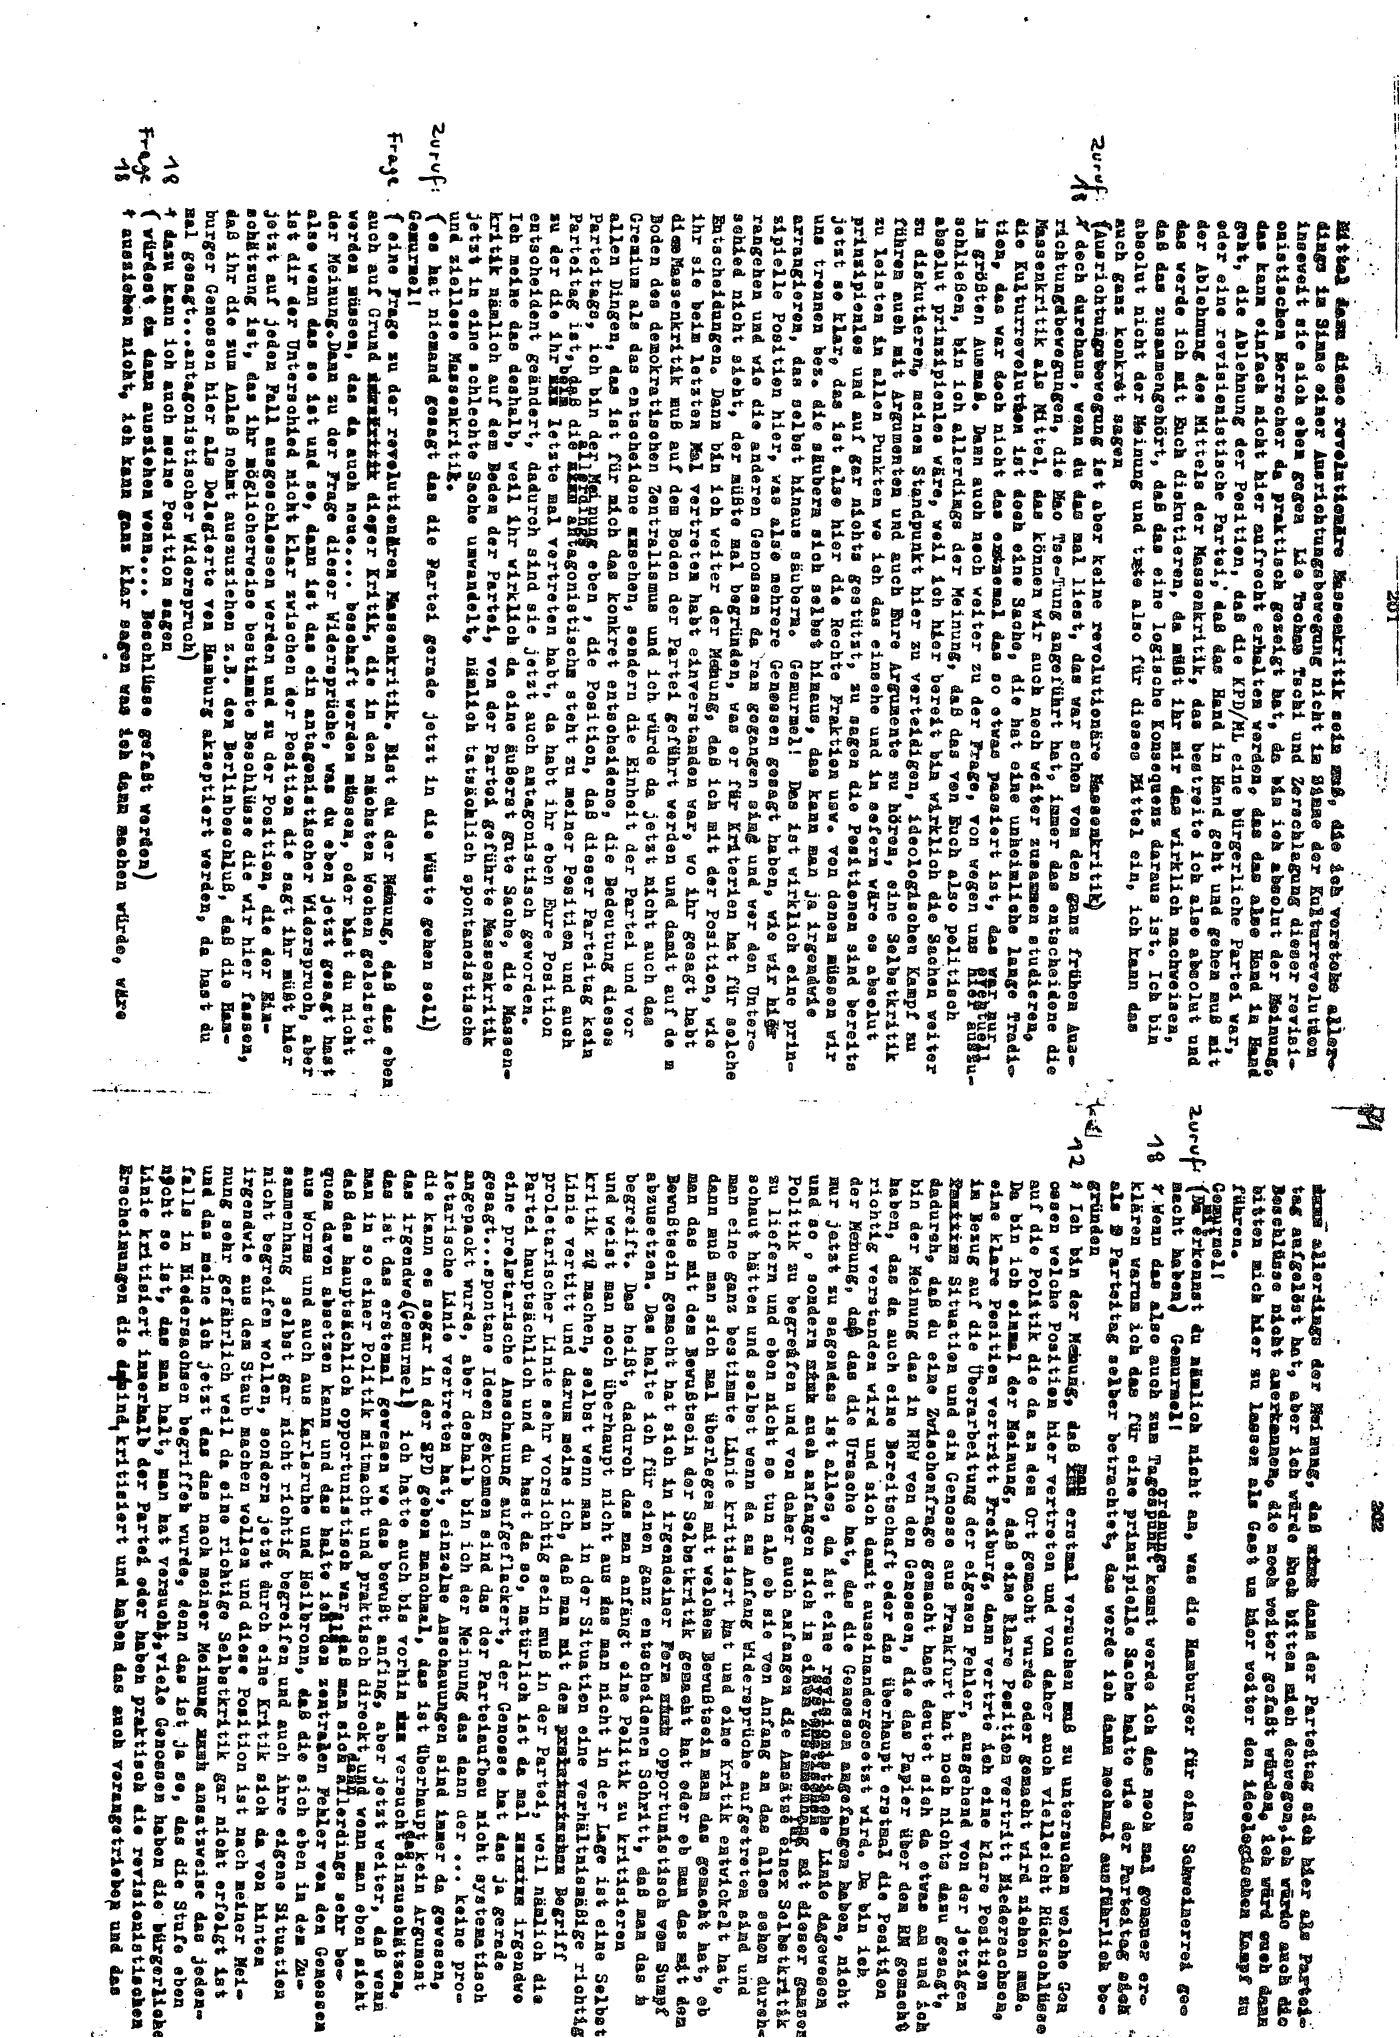 KPDML_1971_Wortprotokolle_aoPt_087